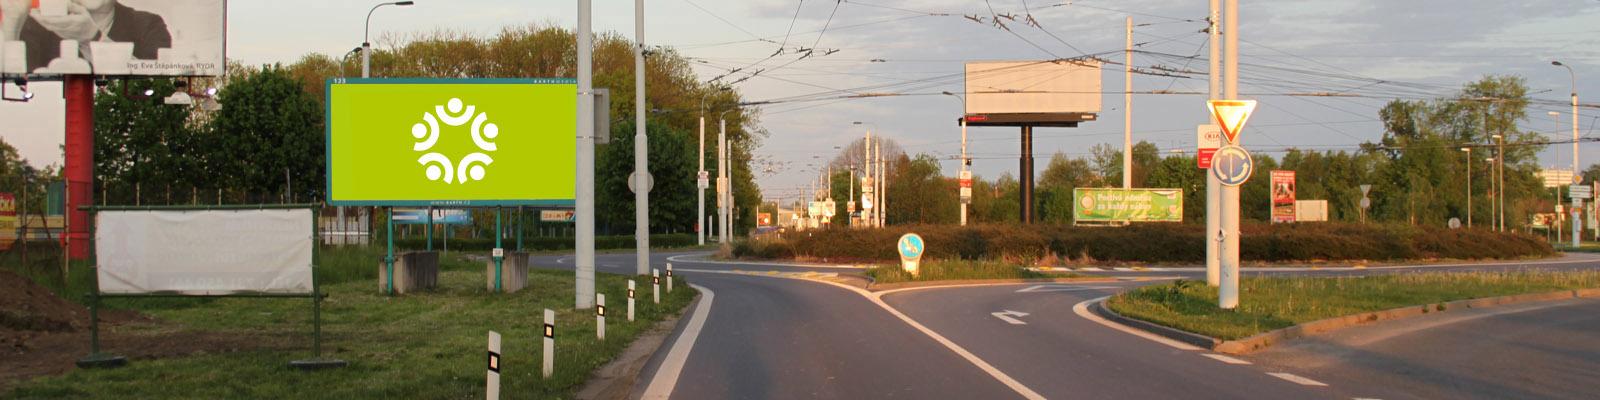 Pardubice - ulice Poděbradská, u kruhového objezdu u Globusu